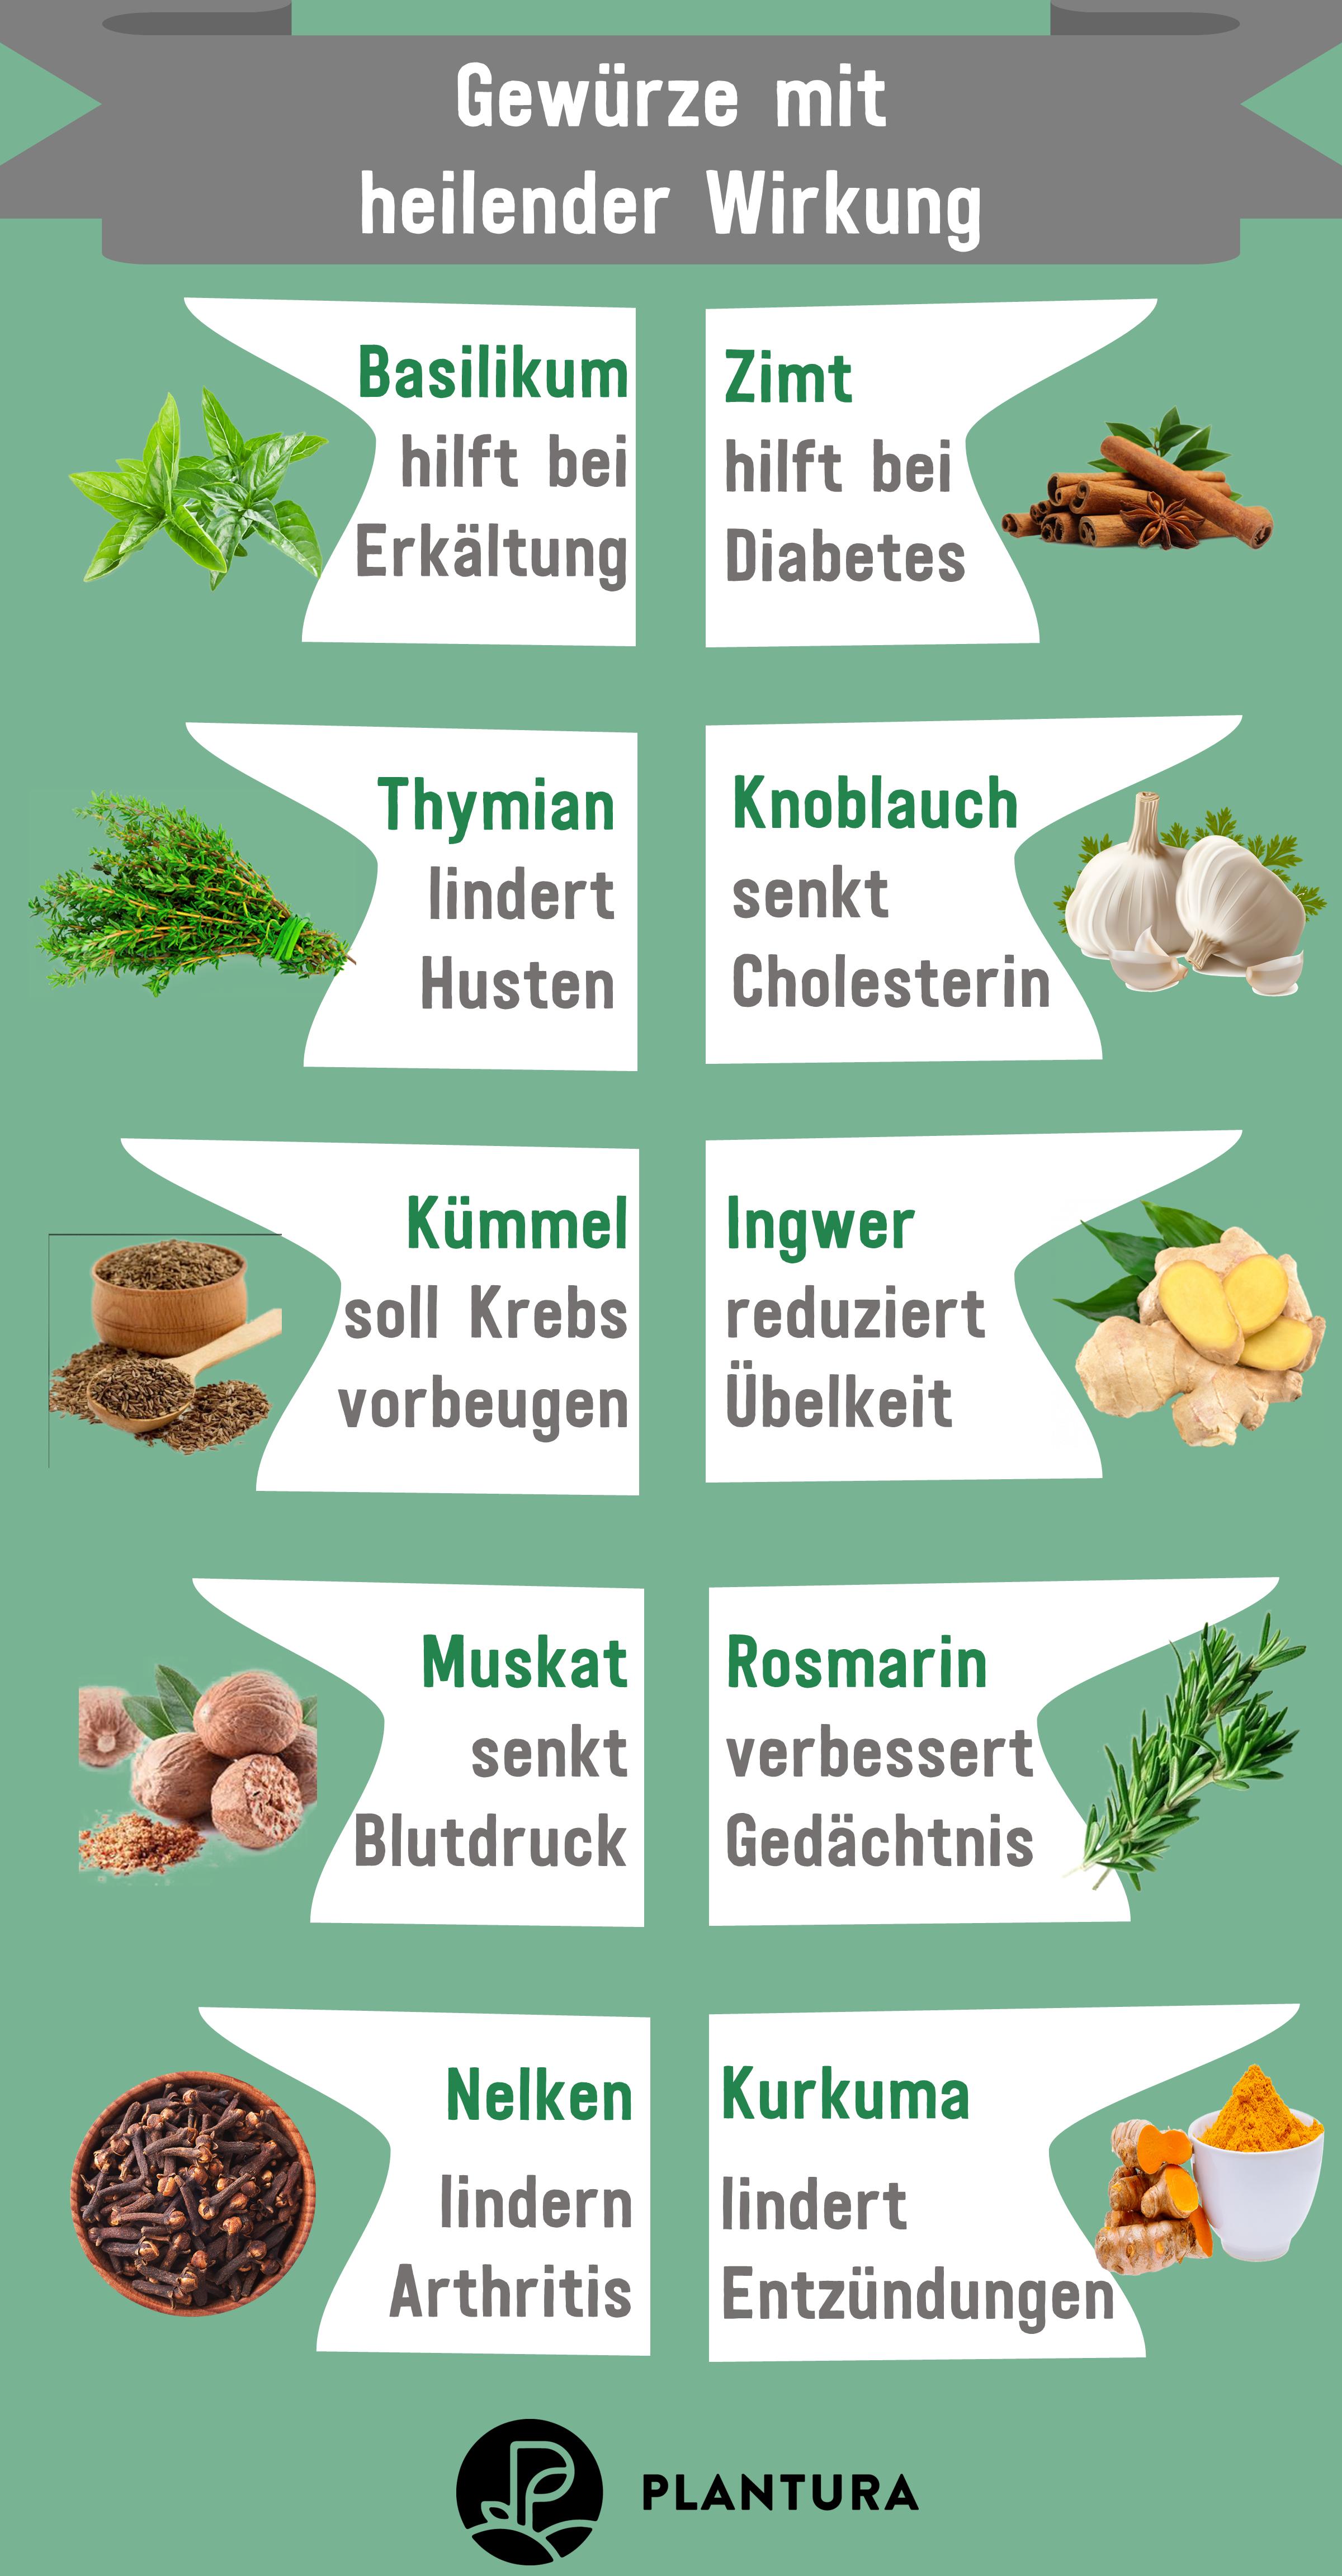 Die 10 Besten Heilpflanzen Aus Dem Eigenen Garten Plantura Heilpflanzen Heilen Gesundheit